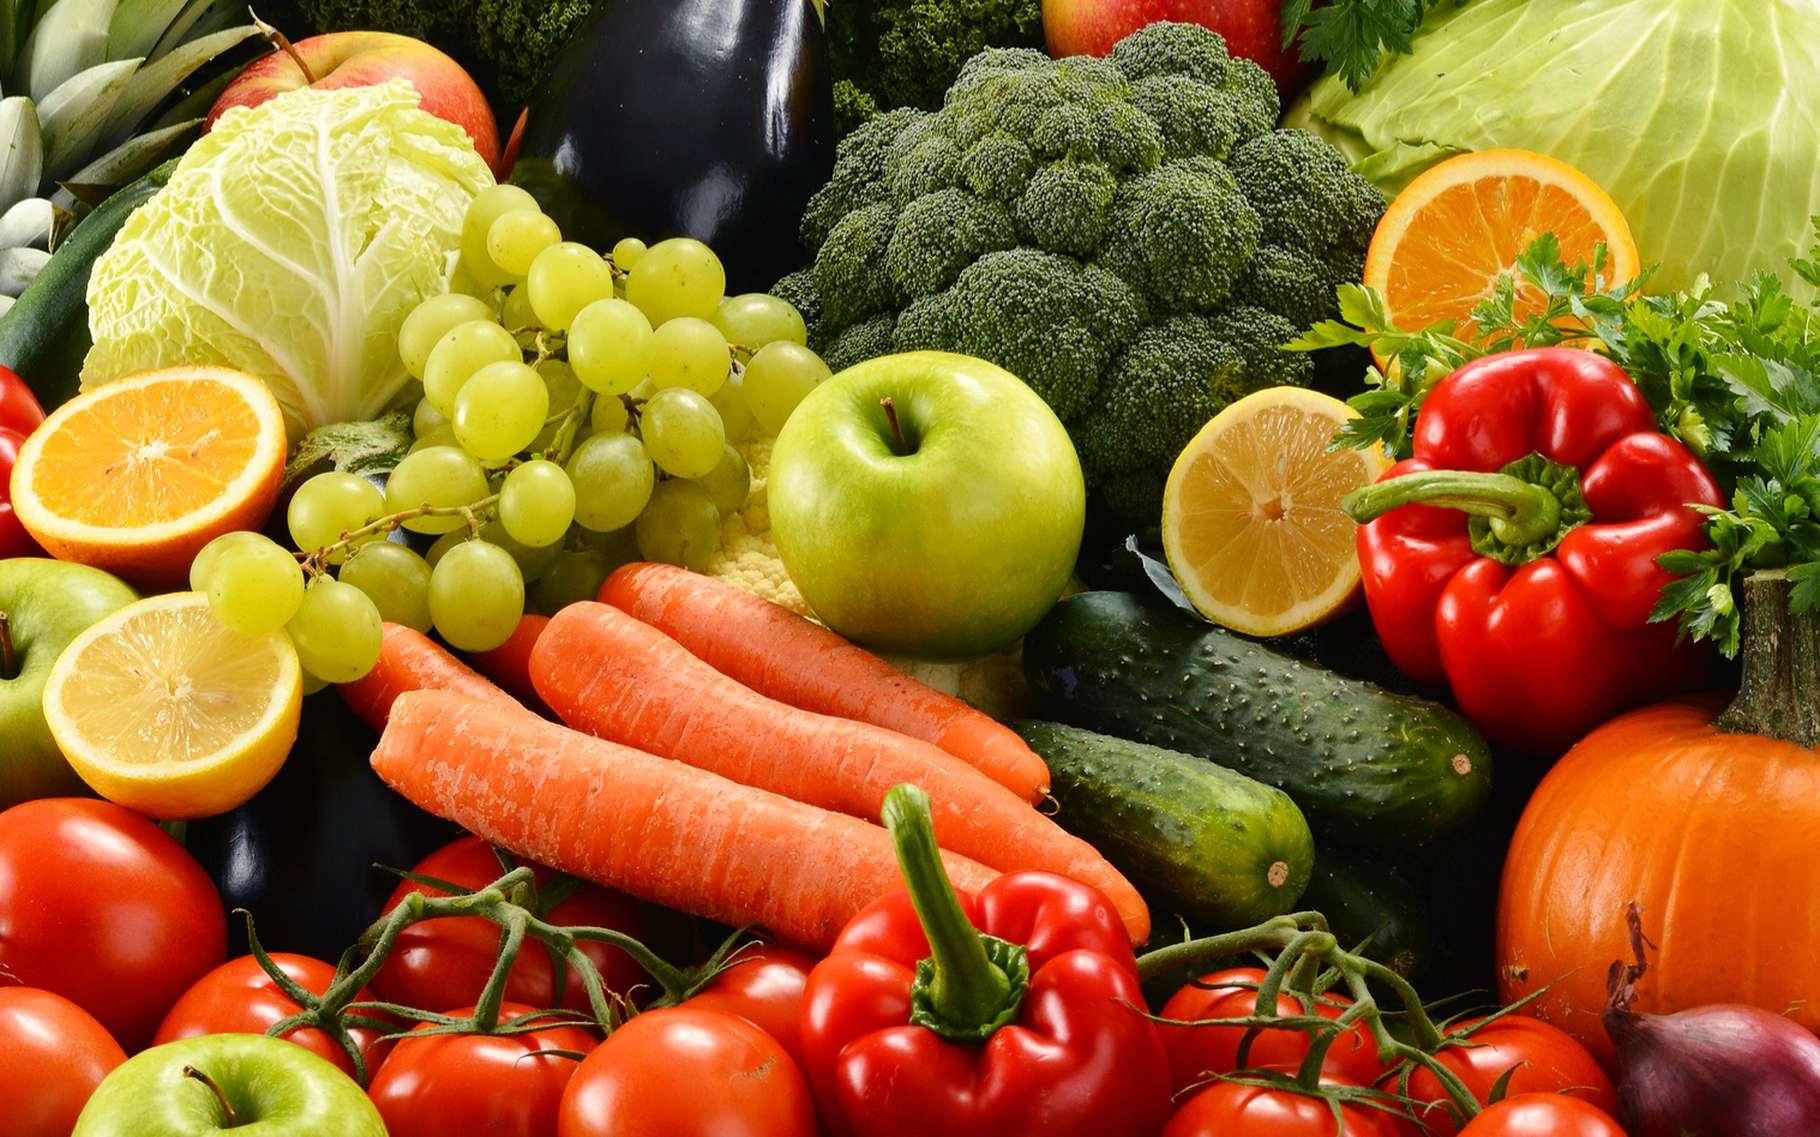 Les fruits et légumes sont des aliments sans gluten. © monticello, Shutterstock